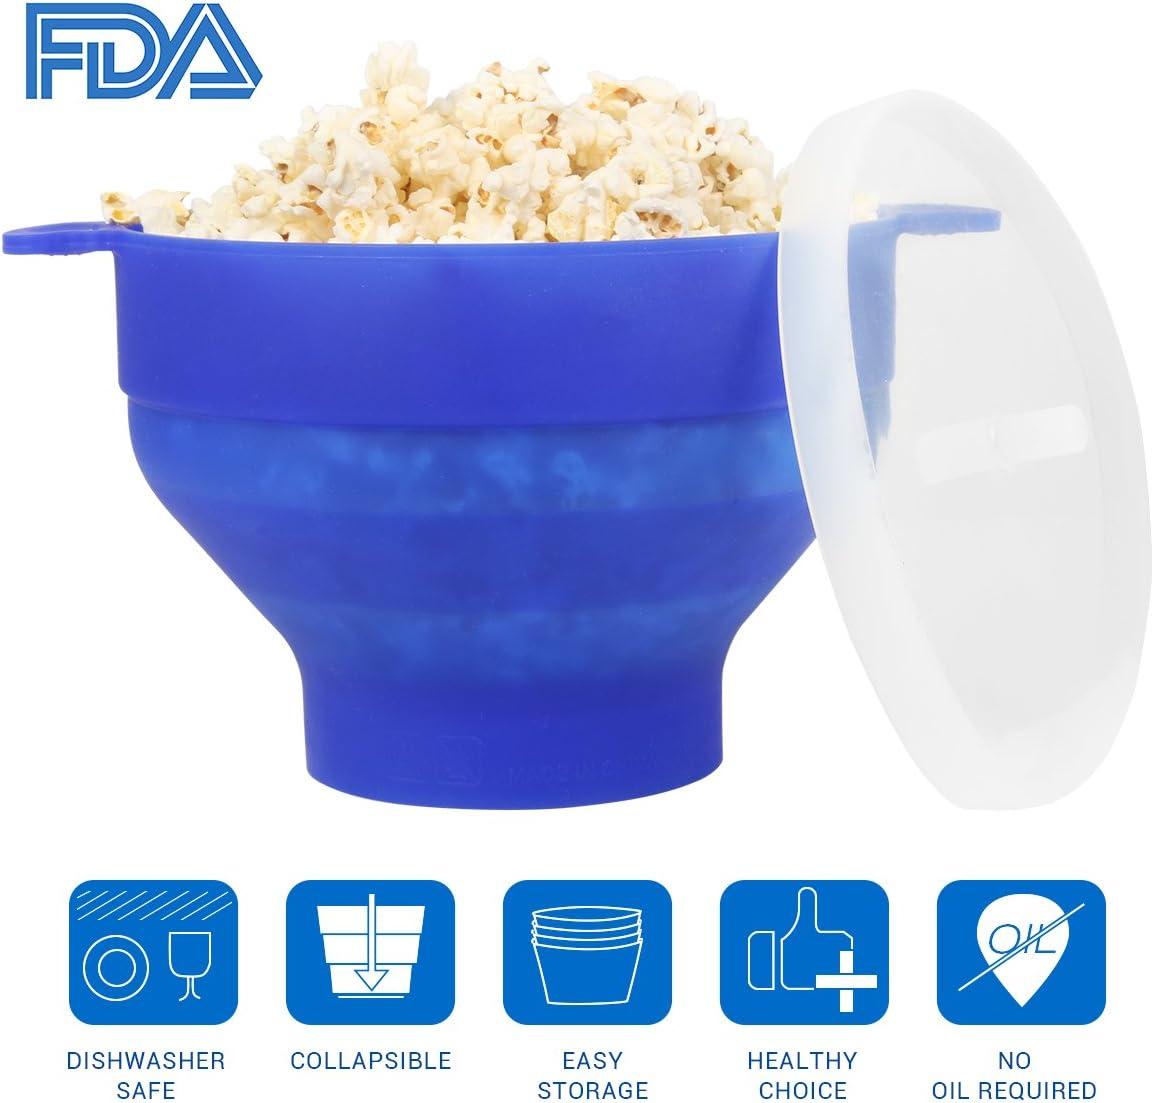 Vert Bol De Machine A Pop Corn Utilisation Du Produit Silicone Micro Ondes Popcorn Maker Popcorn Popper Fait Maison Delicieux Popcorn Bowl Baking Tools Kitchen Bakingwares Diy Bucket Electromenager Specialise Appareils A Popcorn